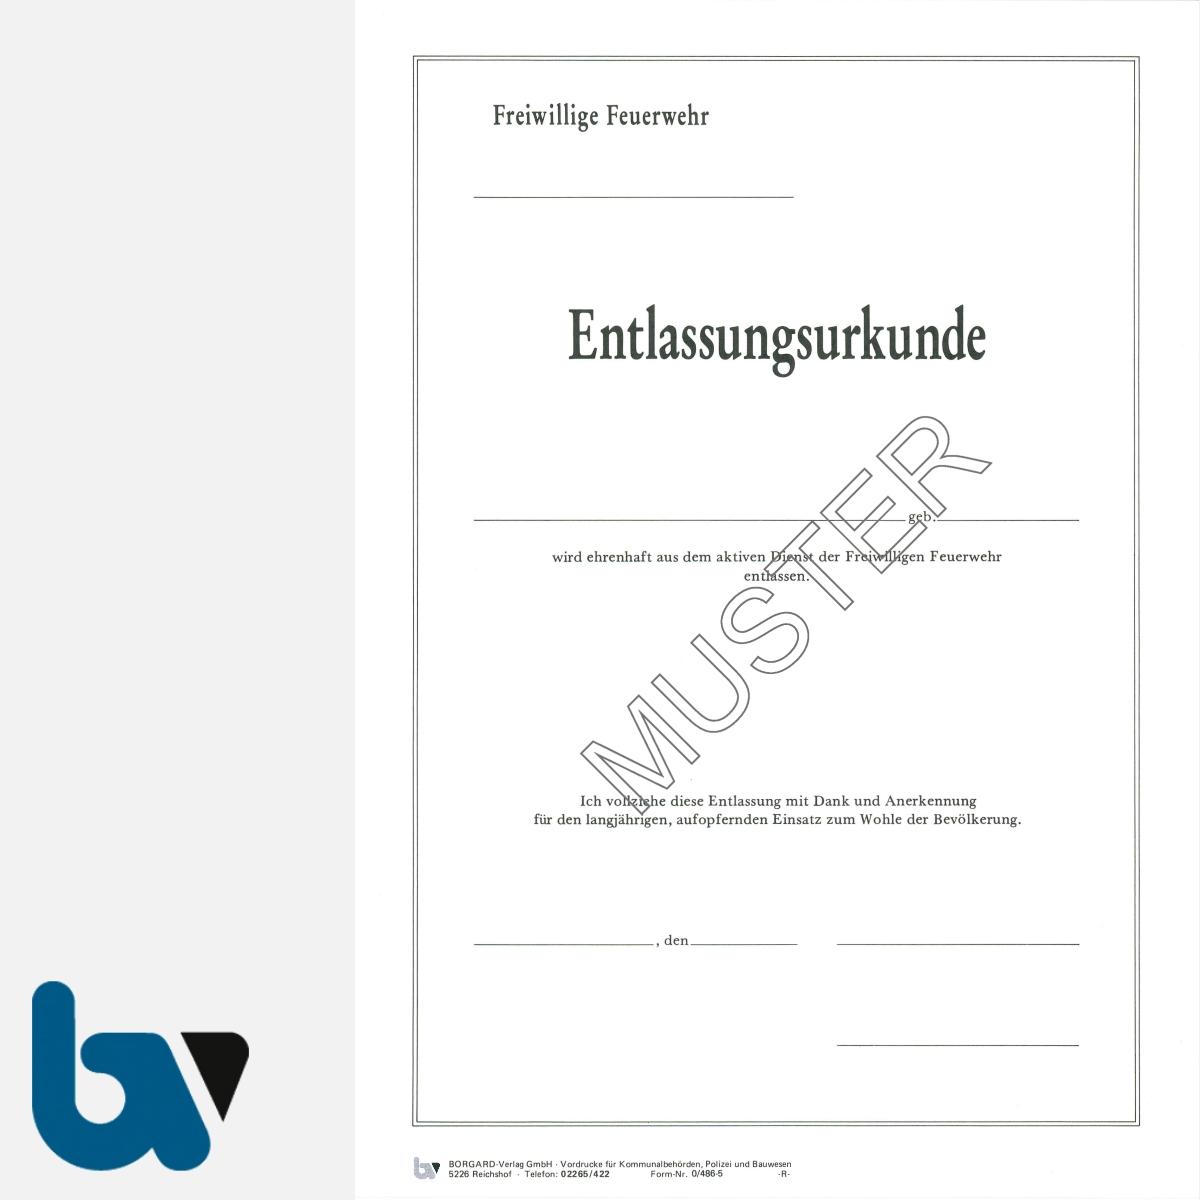 0/486-5 Entlassungsurkunde Feuerwehr Karton Hammerschlag selbstdurchschreibend DIN A4 2-fach VS | Borgard Verlag GmbH